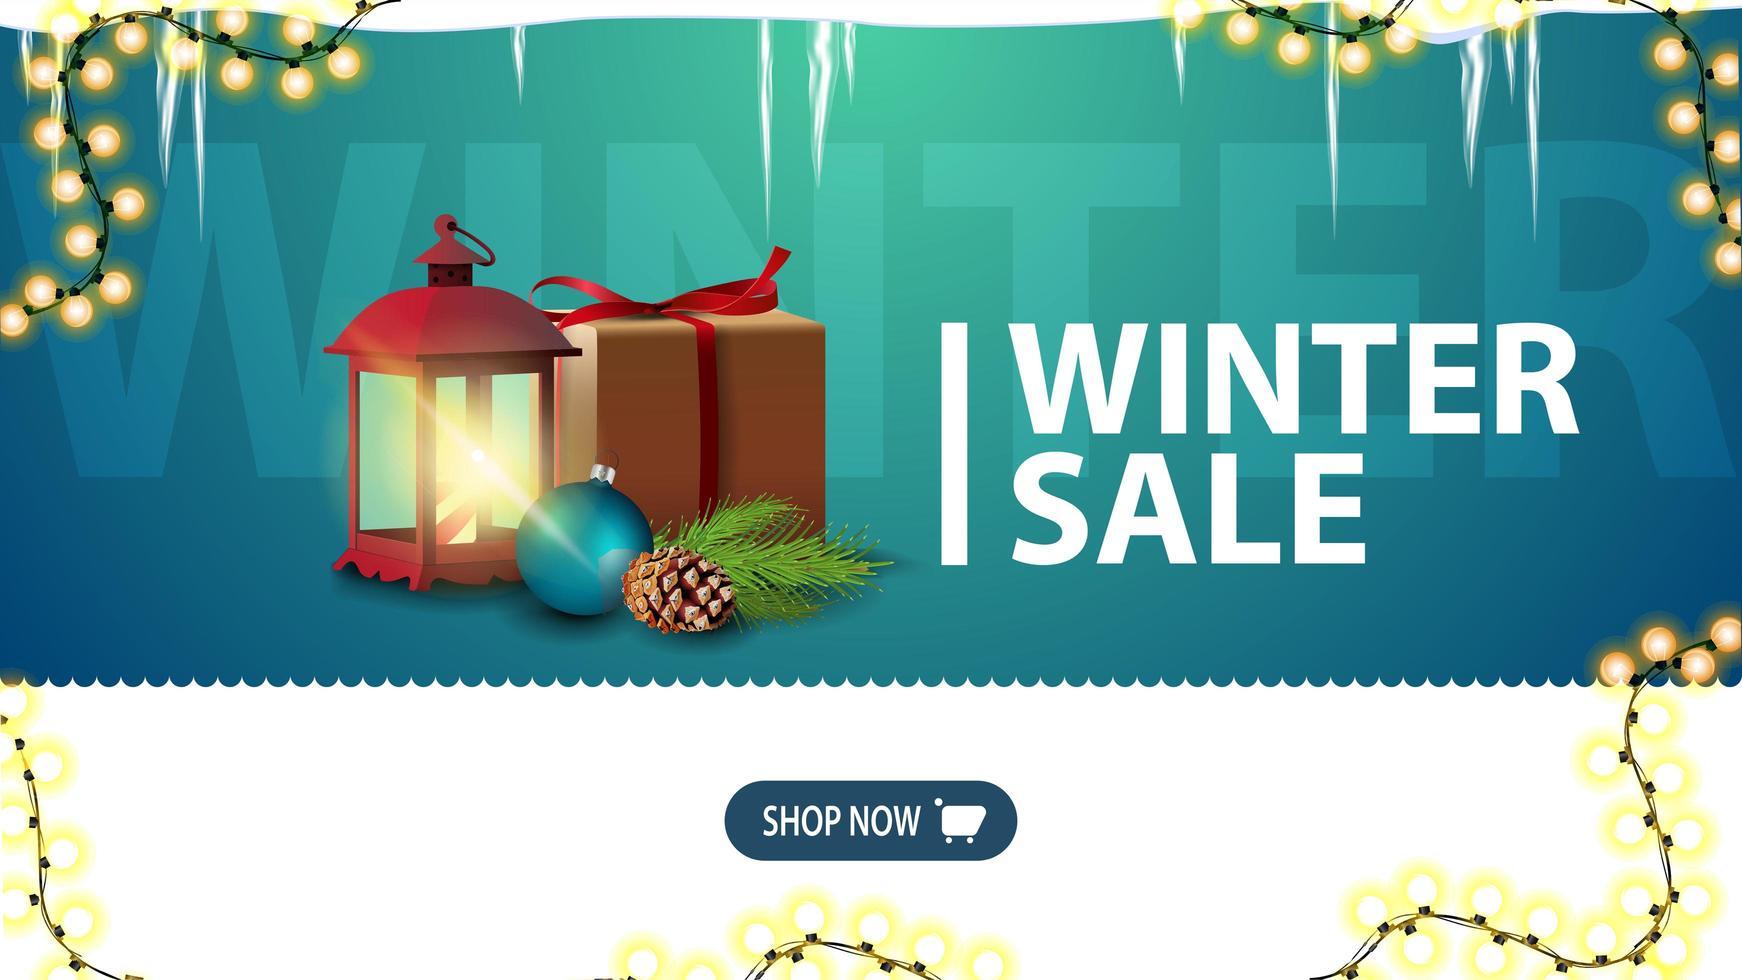 soldes d'hiver, bannière de réduction verte pour site Web vecteur